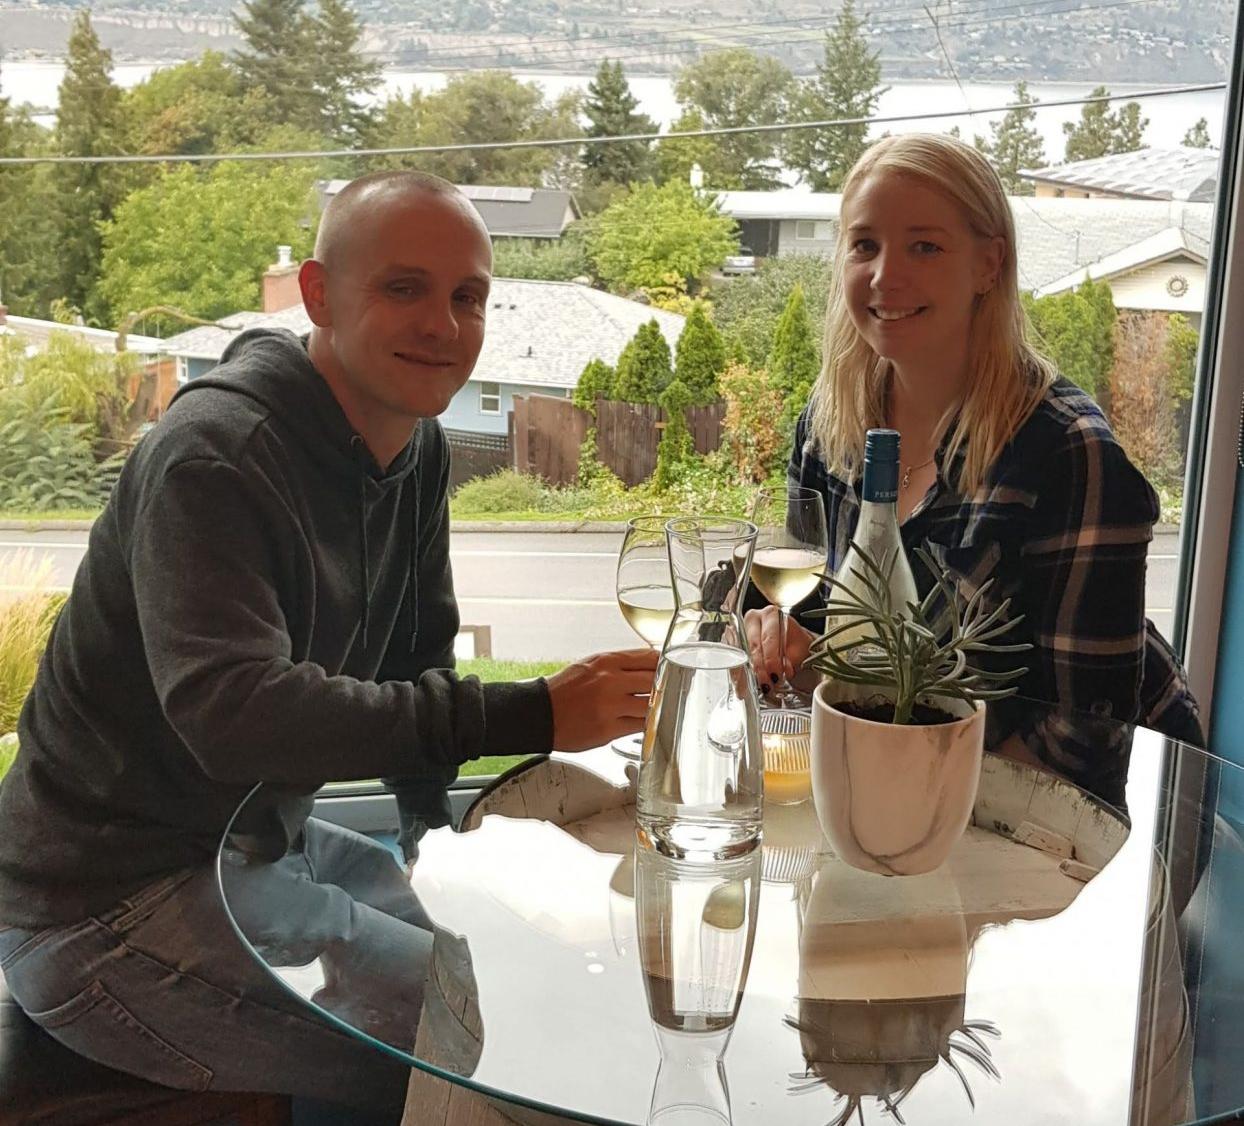 Wine tasting in British Columbia, Canada